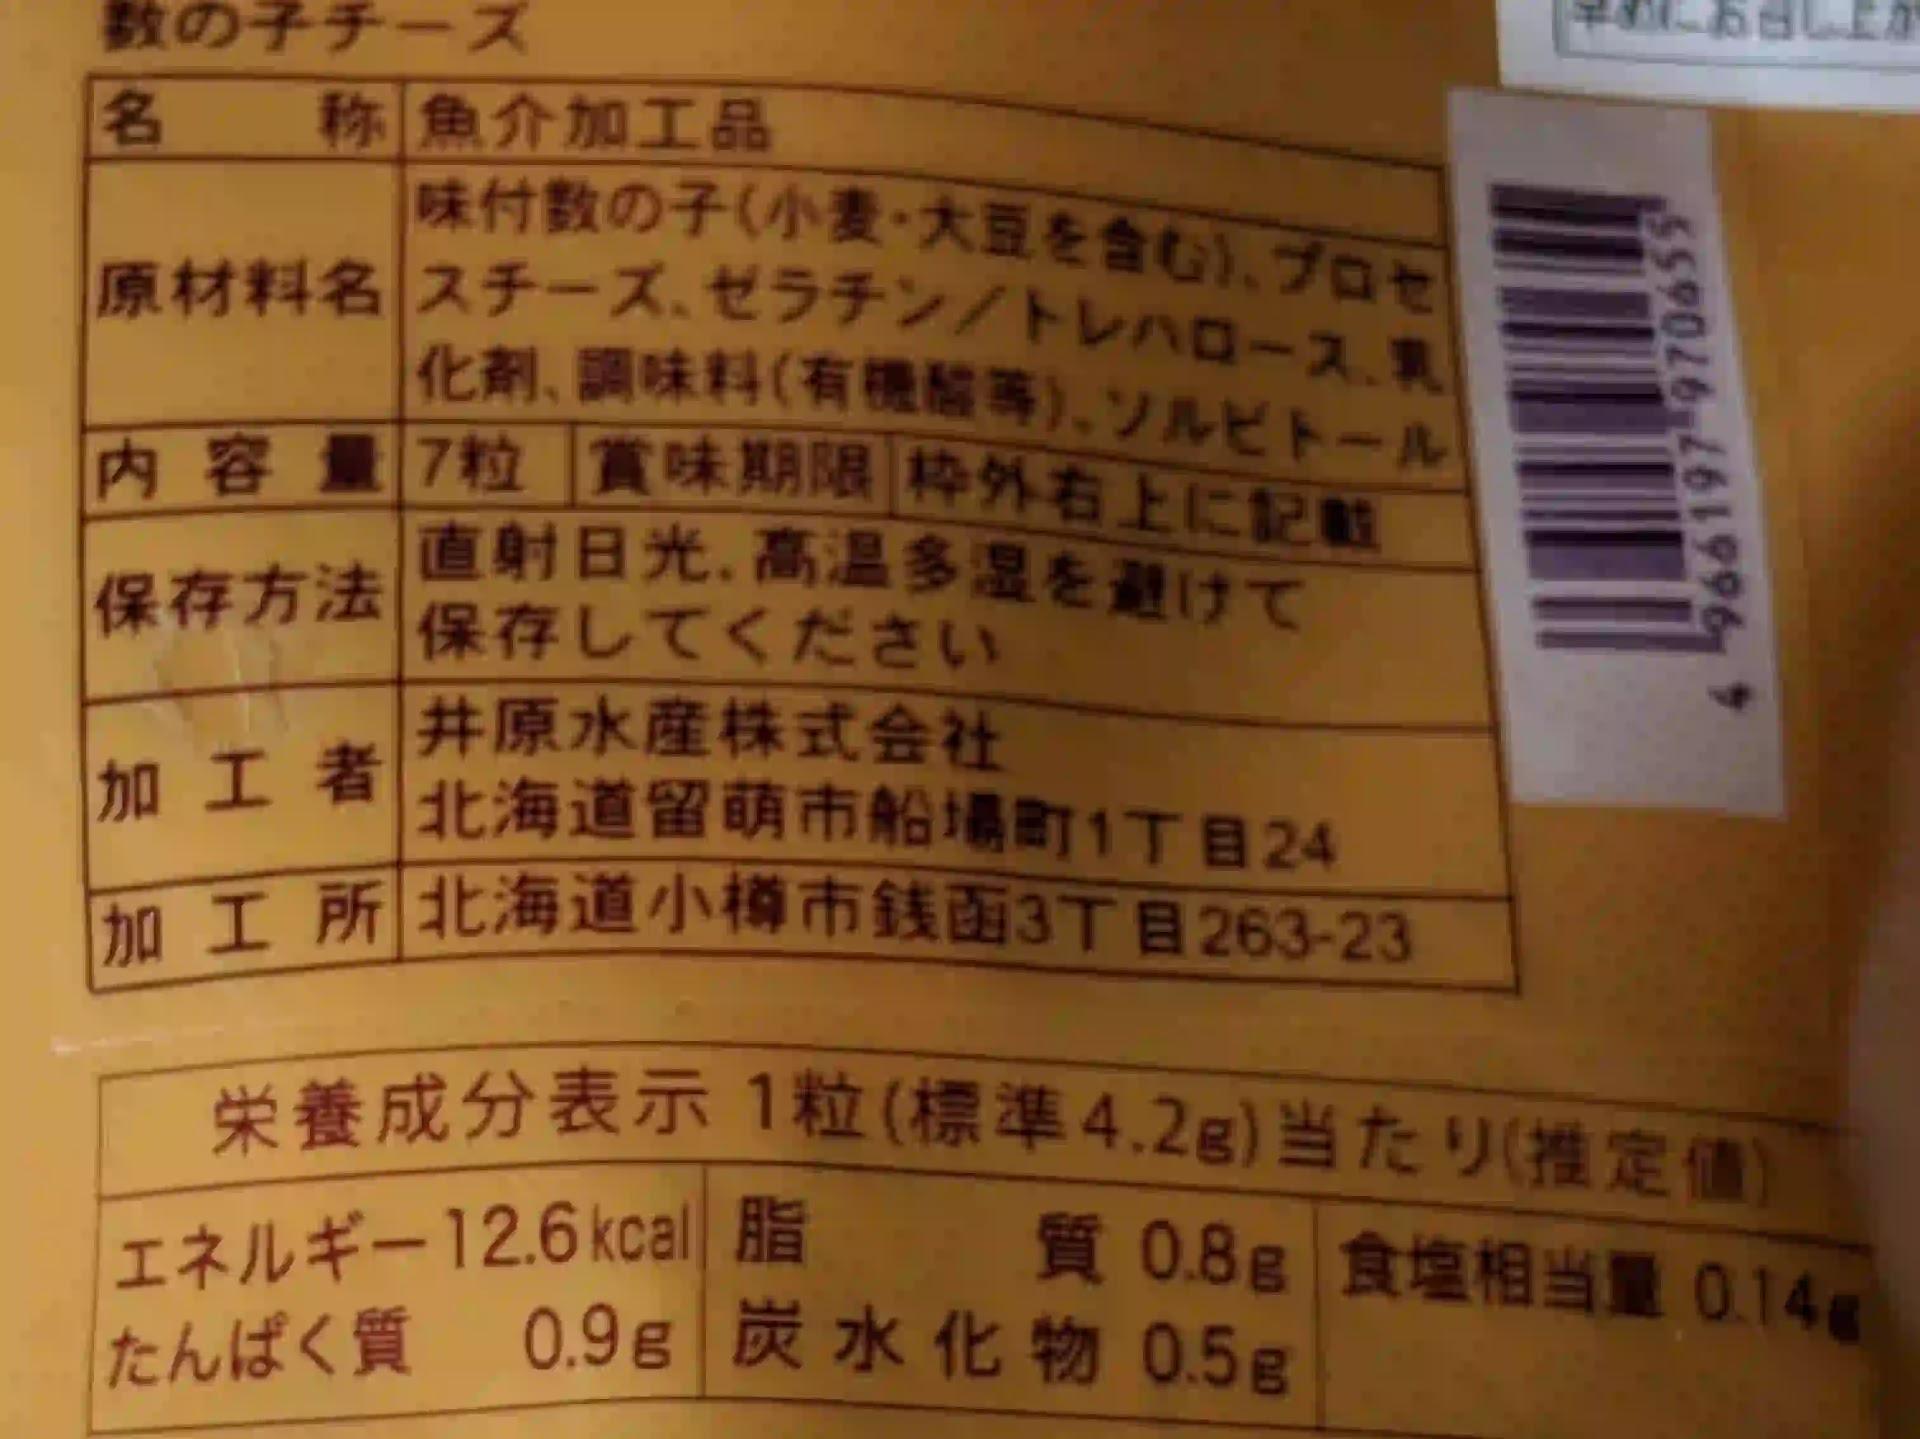 井原水産 カズチー 栄養成分表示